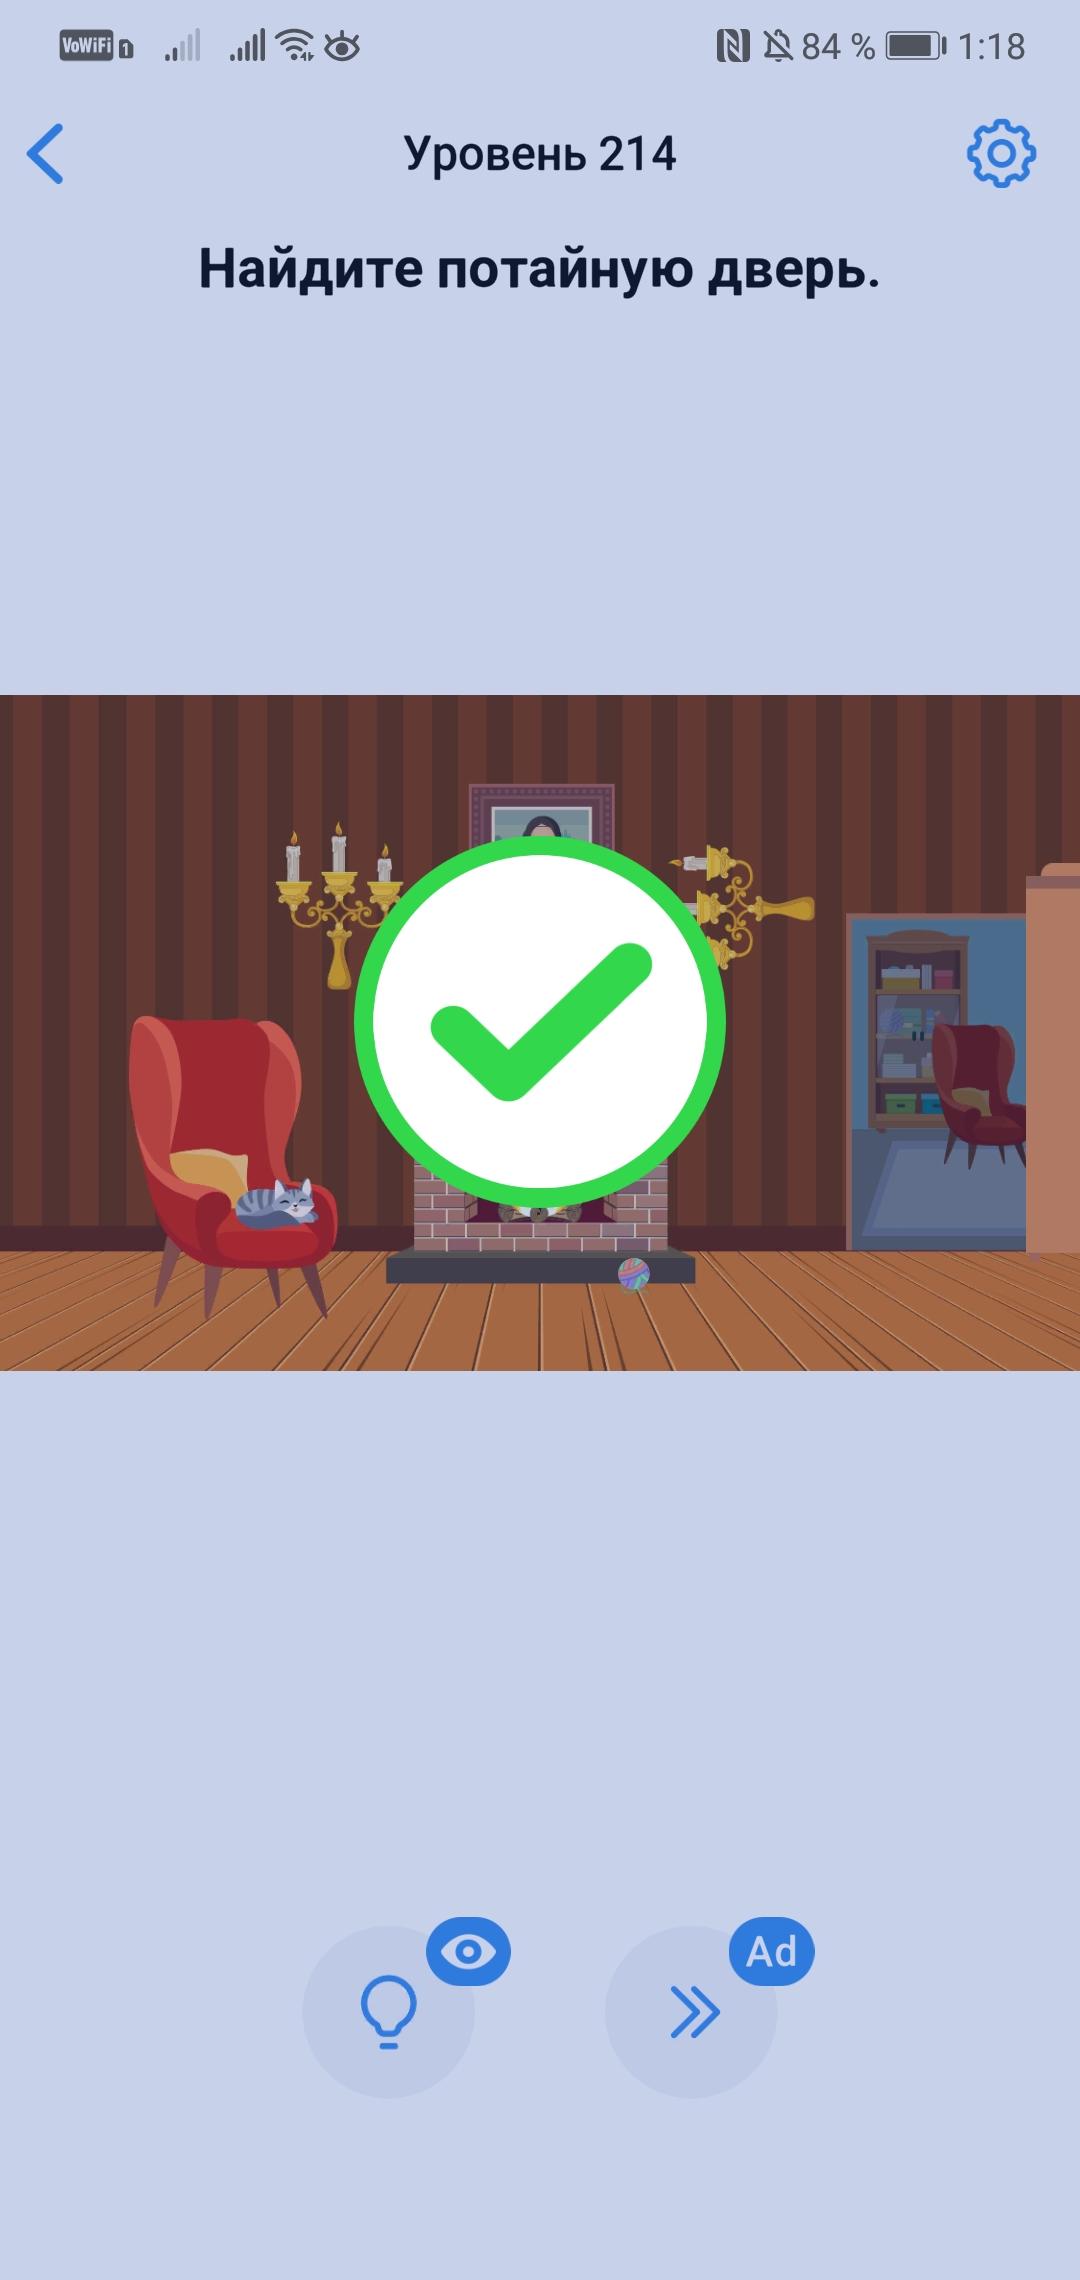 Easy Game - 214 уровень - Найдите потайную дверь